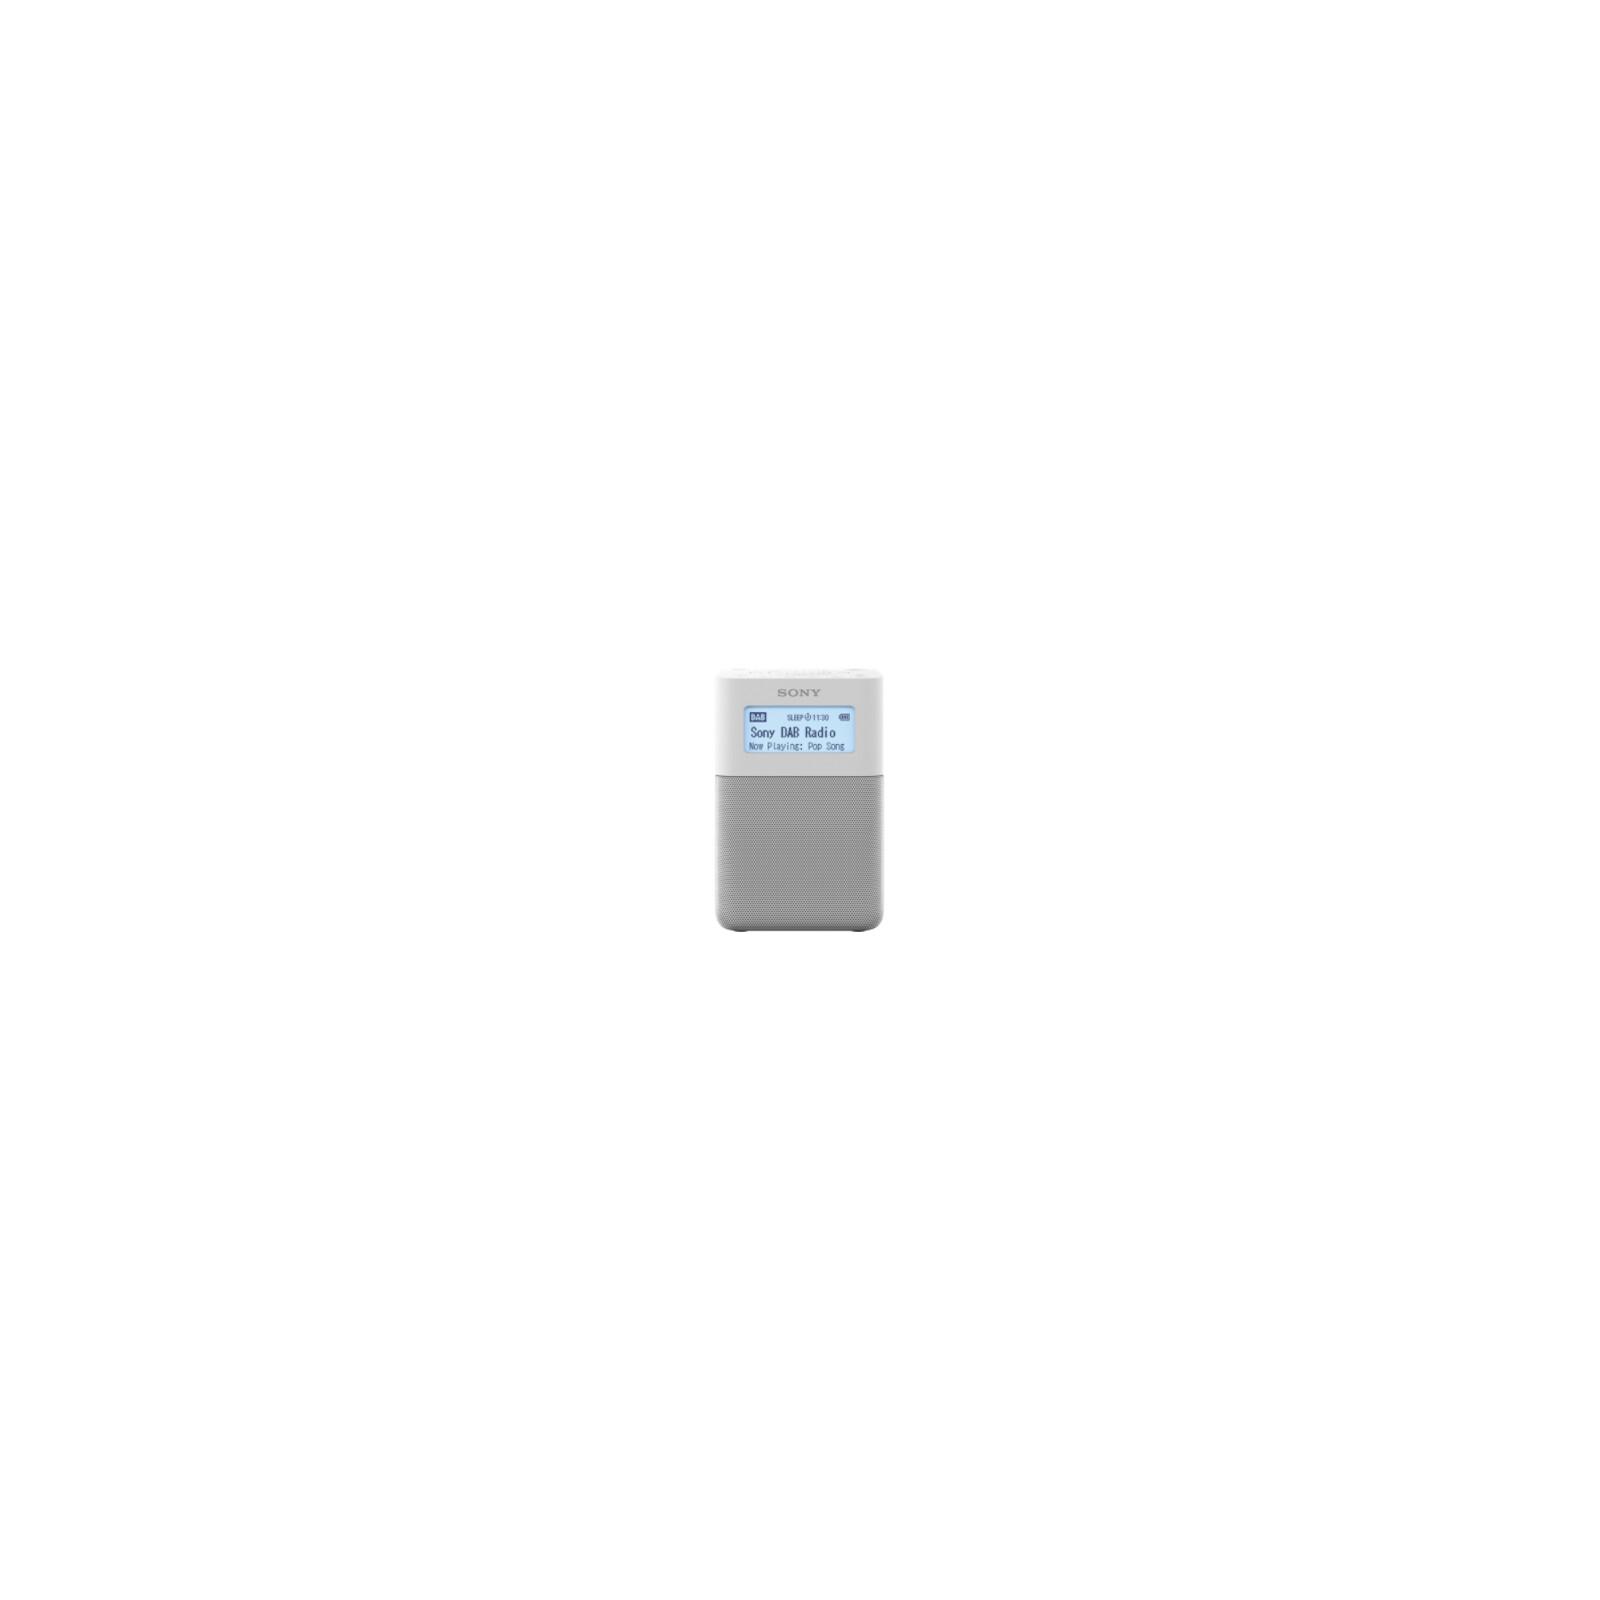 Sony XDR-V20DW Uhrenradio